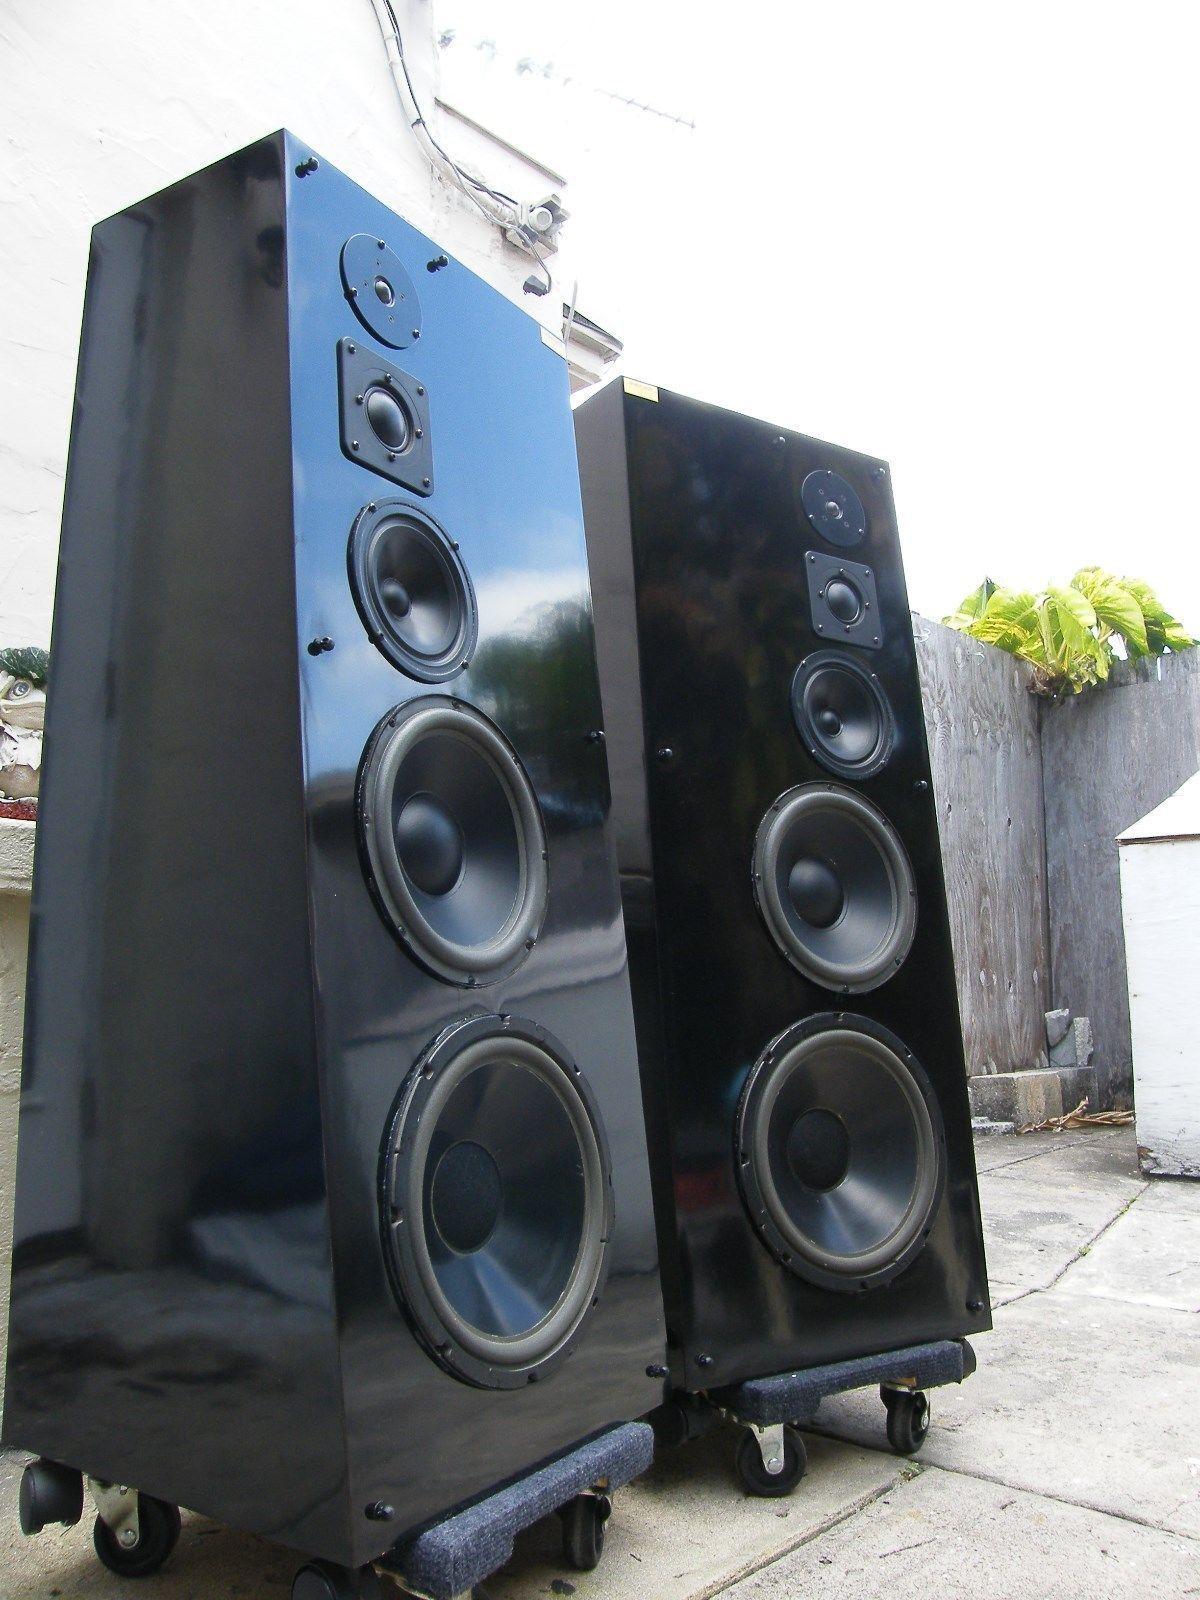 Vintage Audio Deals